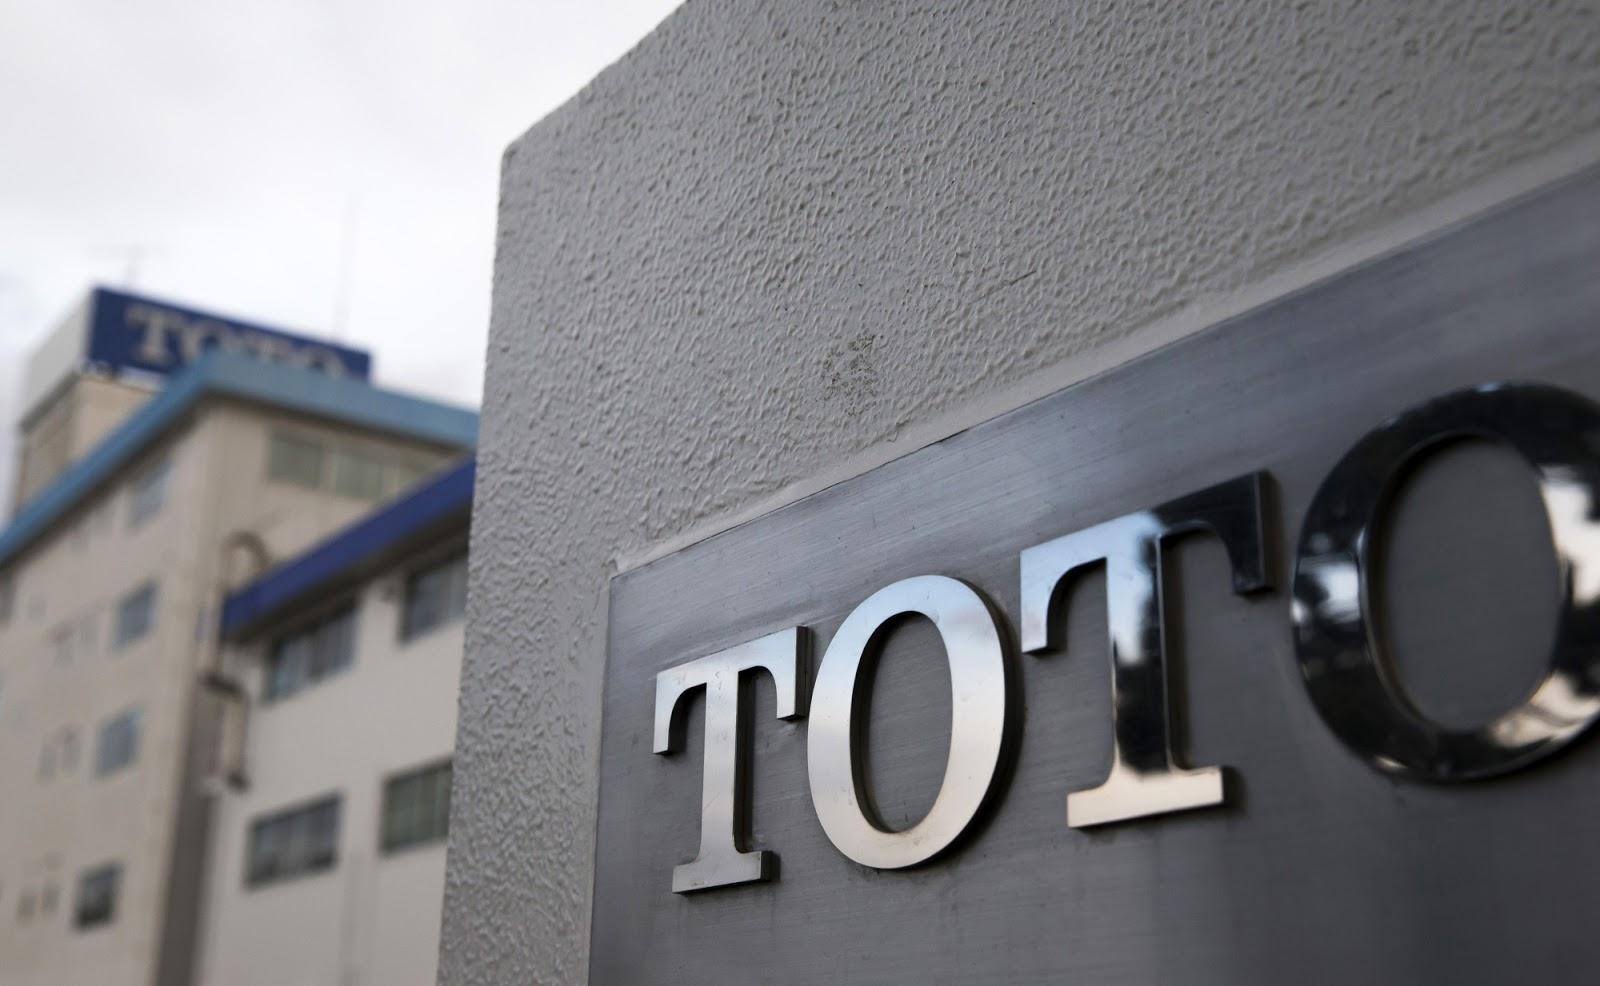 Nhà sản xuất nhà vệ sinh Toto đang hồi phục ở Malaysia vào năm 2019